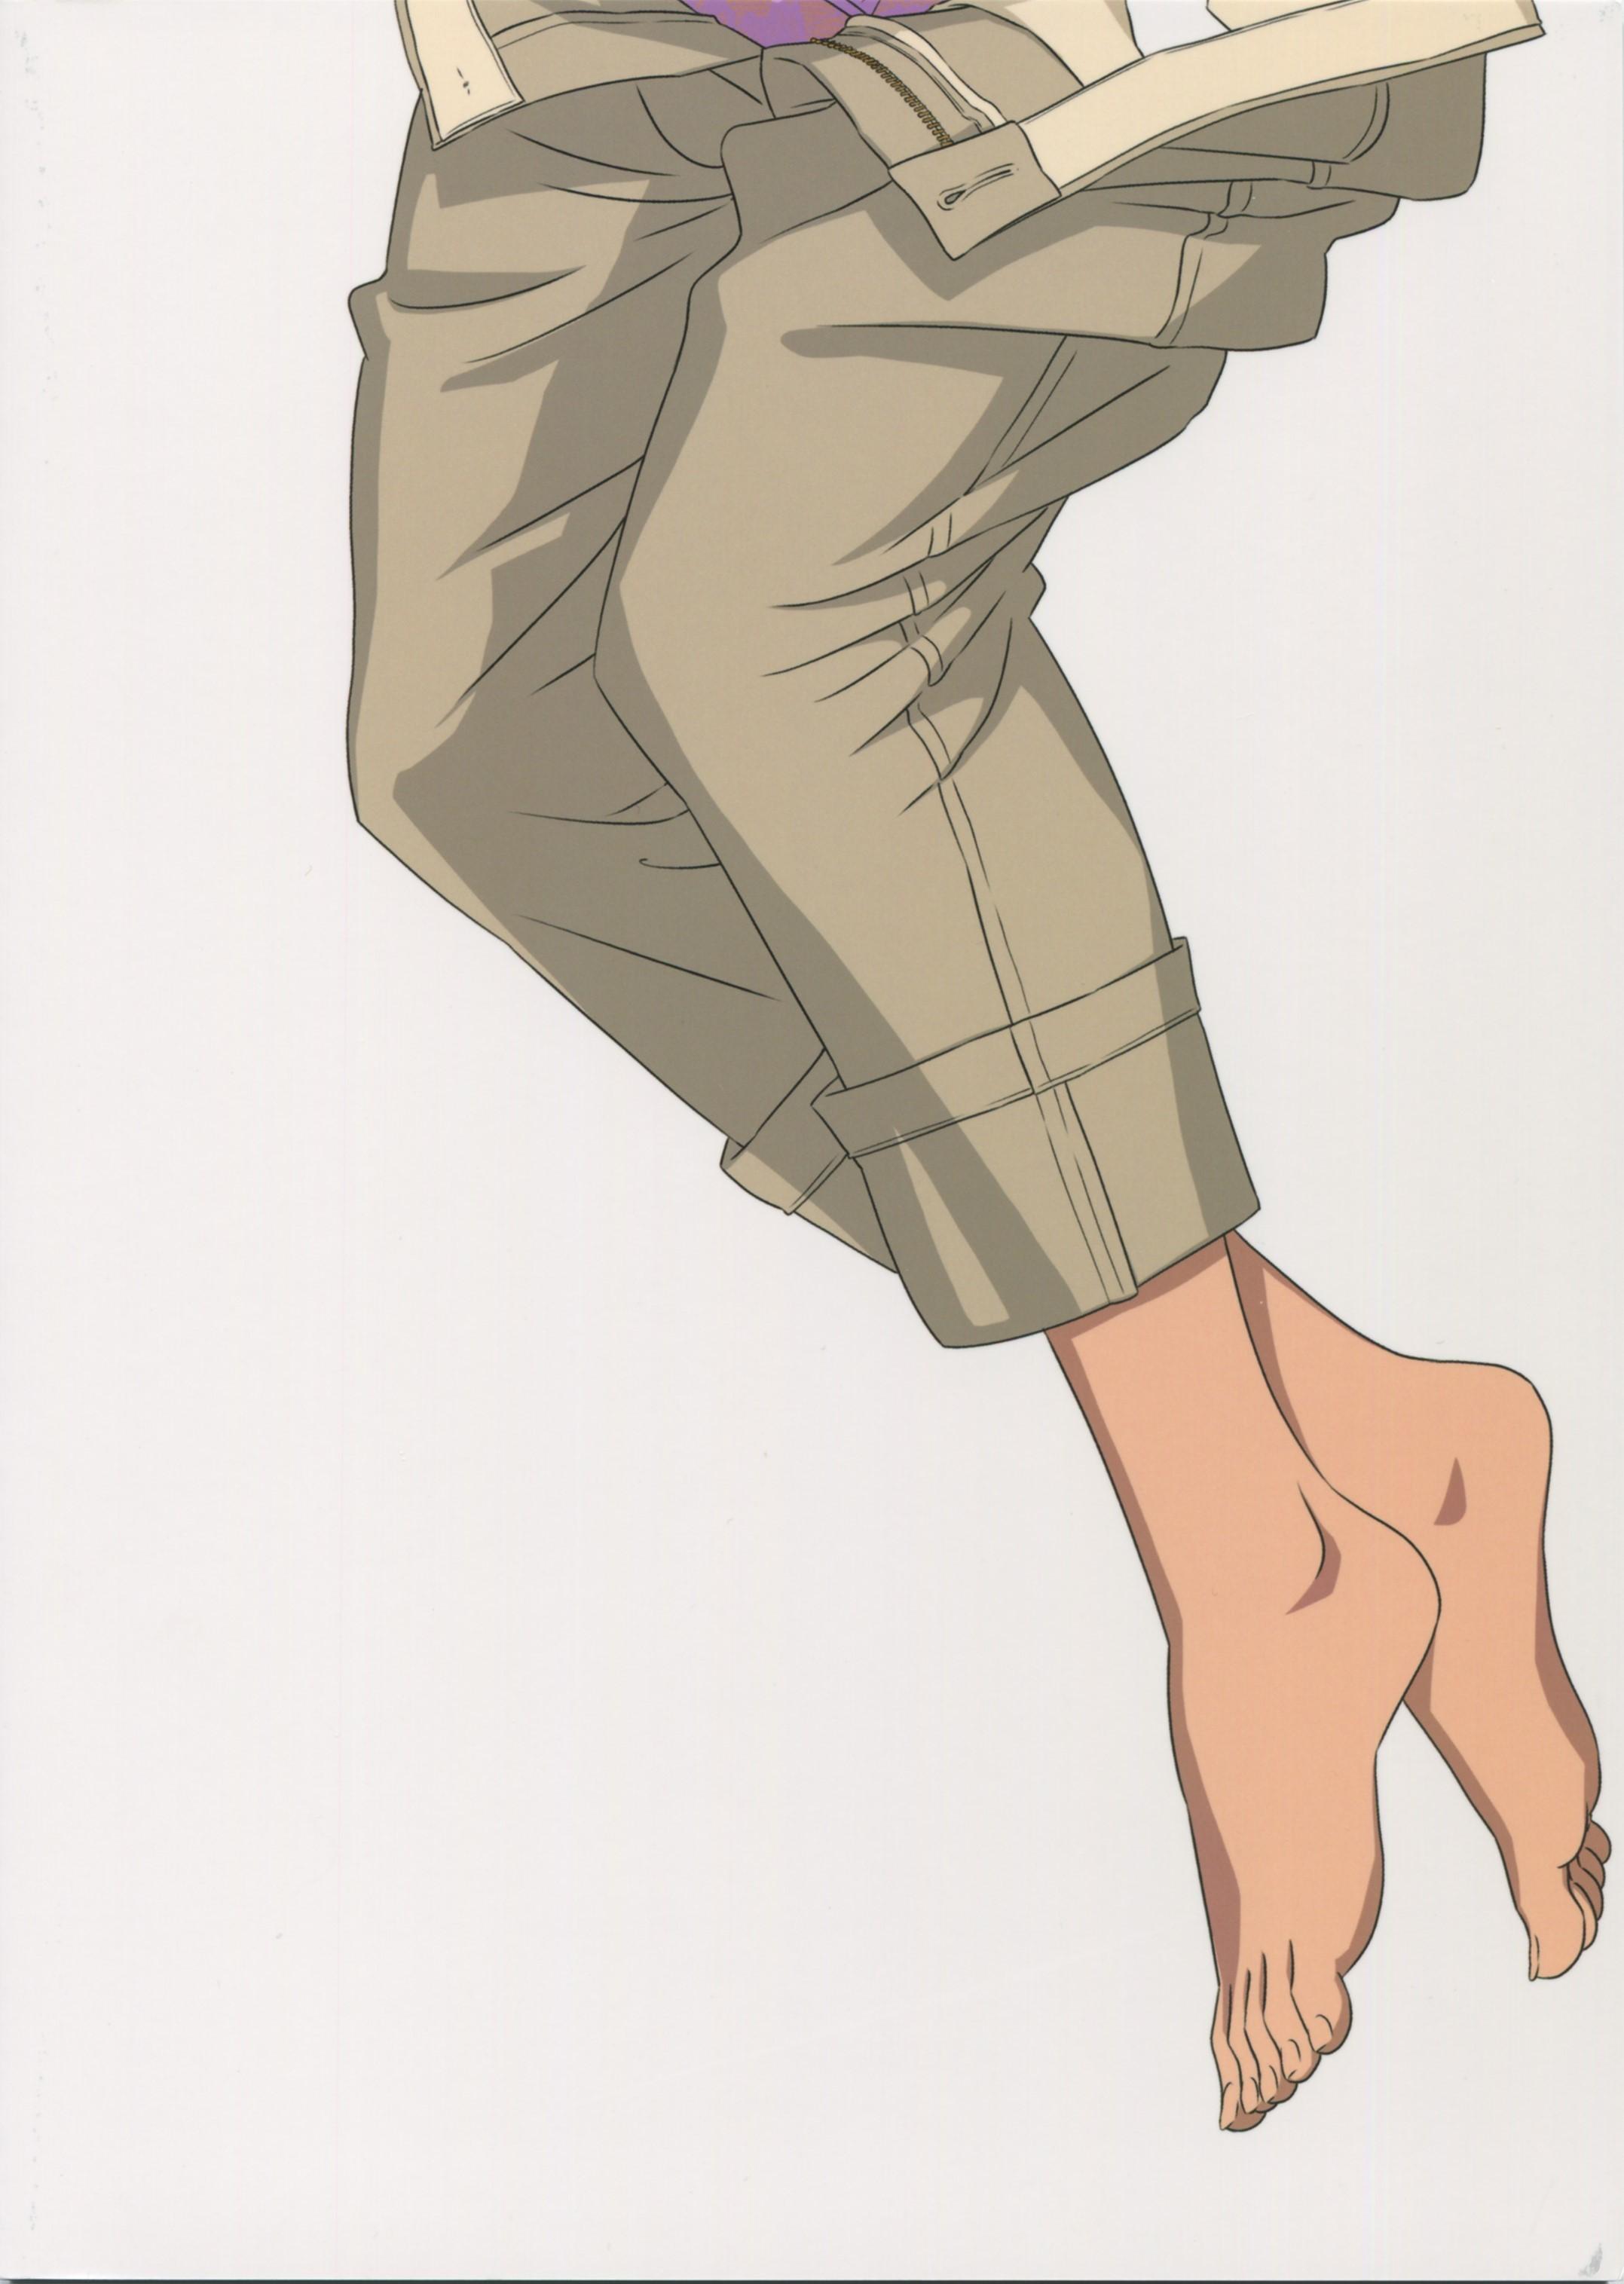 【SHIROBAKOエロ同人誌】隣の学生に酔い潰された美里さんがハメ撮り睡眠強制わいせつされた挙句アナル開発までされちゃってる件www【瀬川美里】